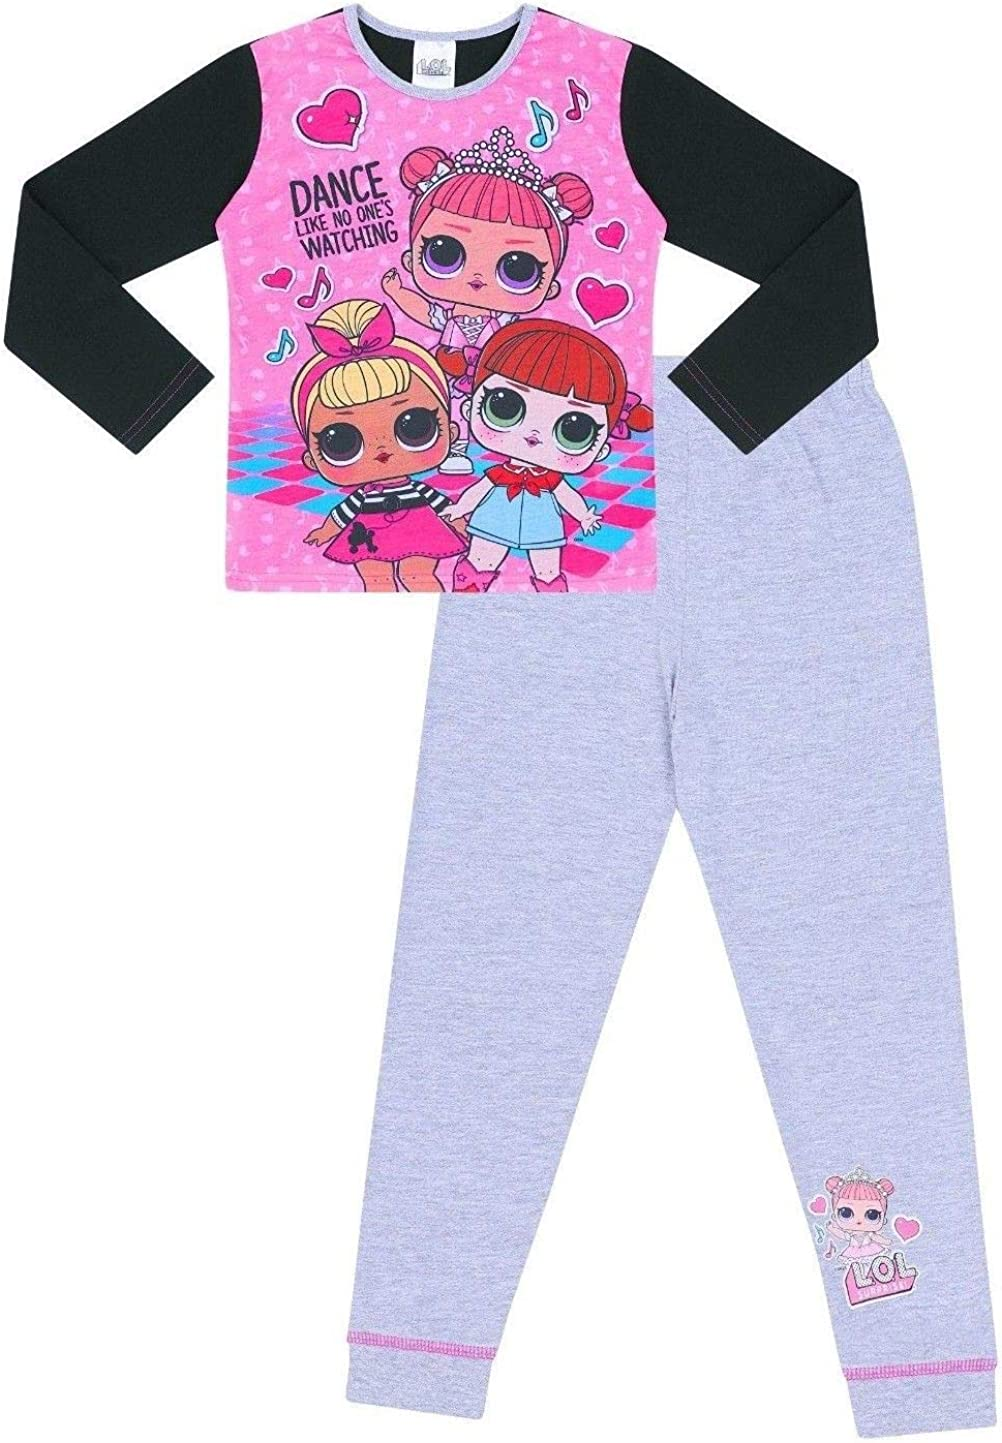 LOL Surprise Dolls - Pijama para niñas (6 a 12 años), color rosa y gris